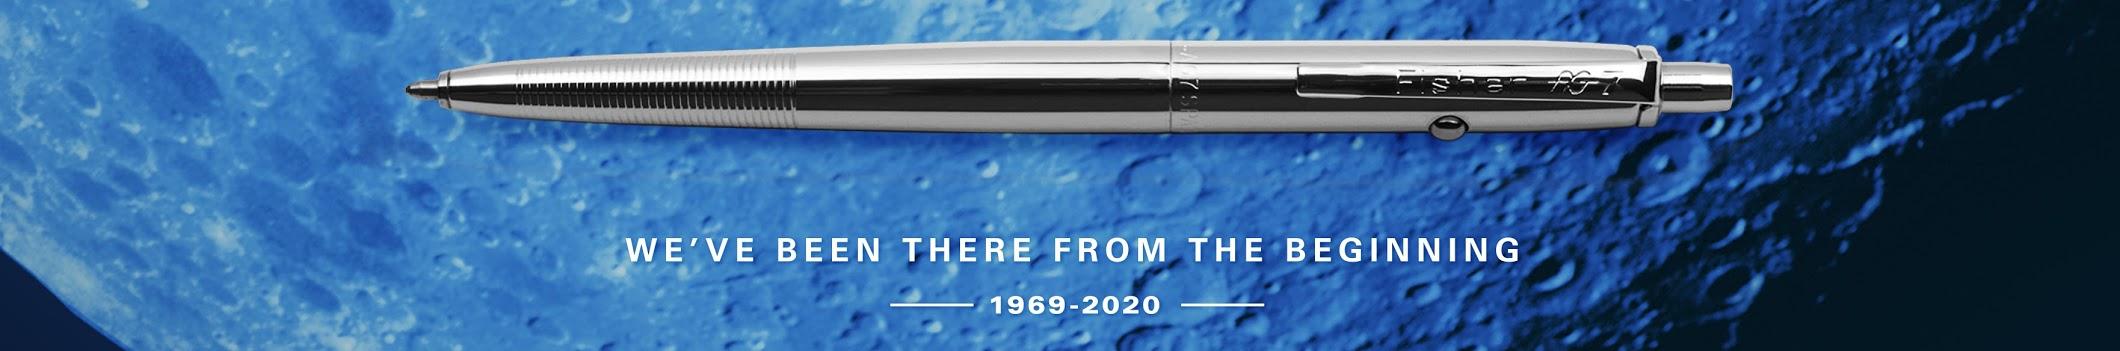 Ручки Astronaut